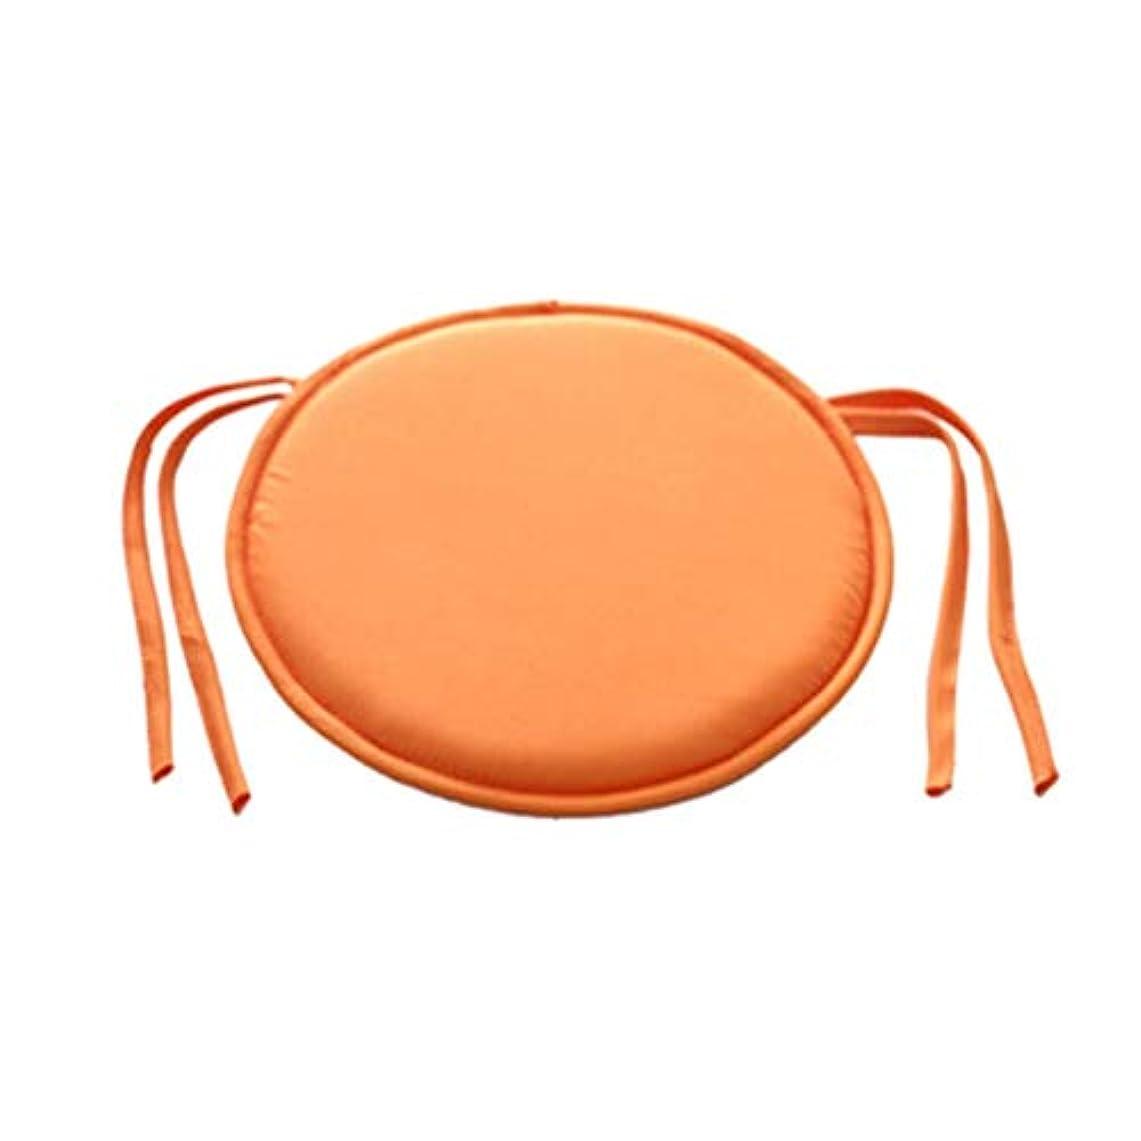 ソファーゆるい巻き戻すLIFE ホット販売ラウンドチェアクッション屋内ポップパティオオフィスチェアシートパッドネクタイスクエアガーデンキッチンダイニングクッション クッション 椅子